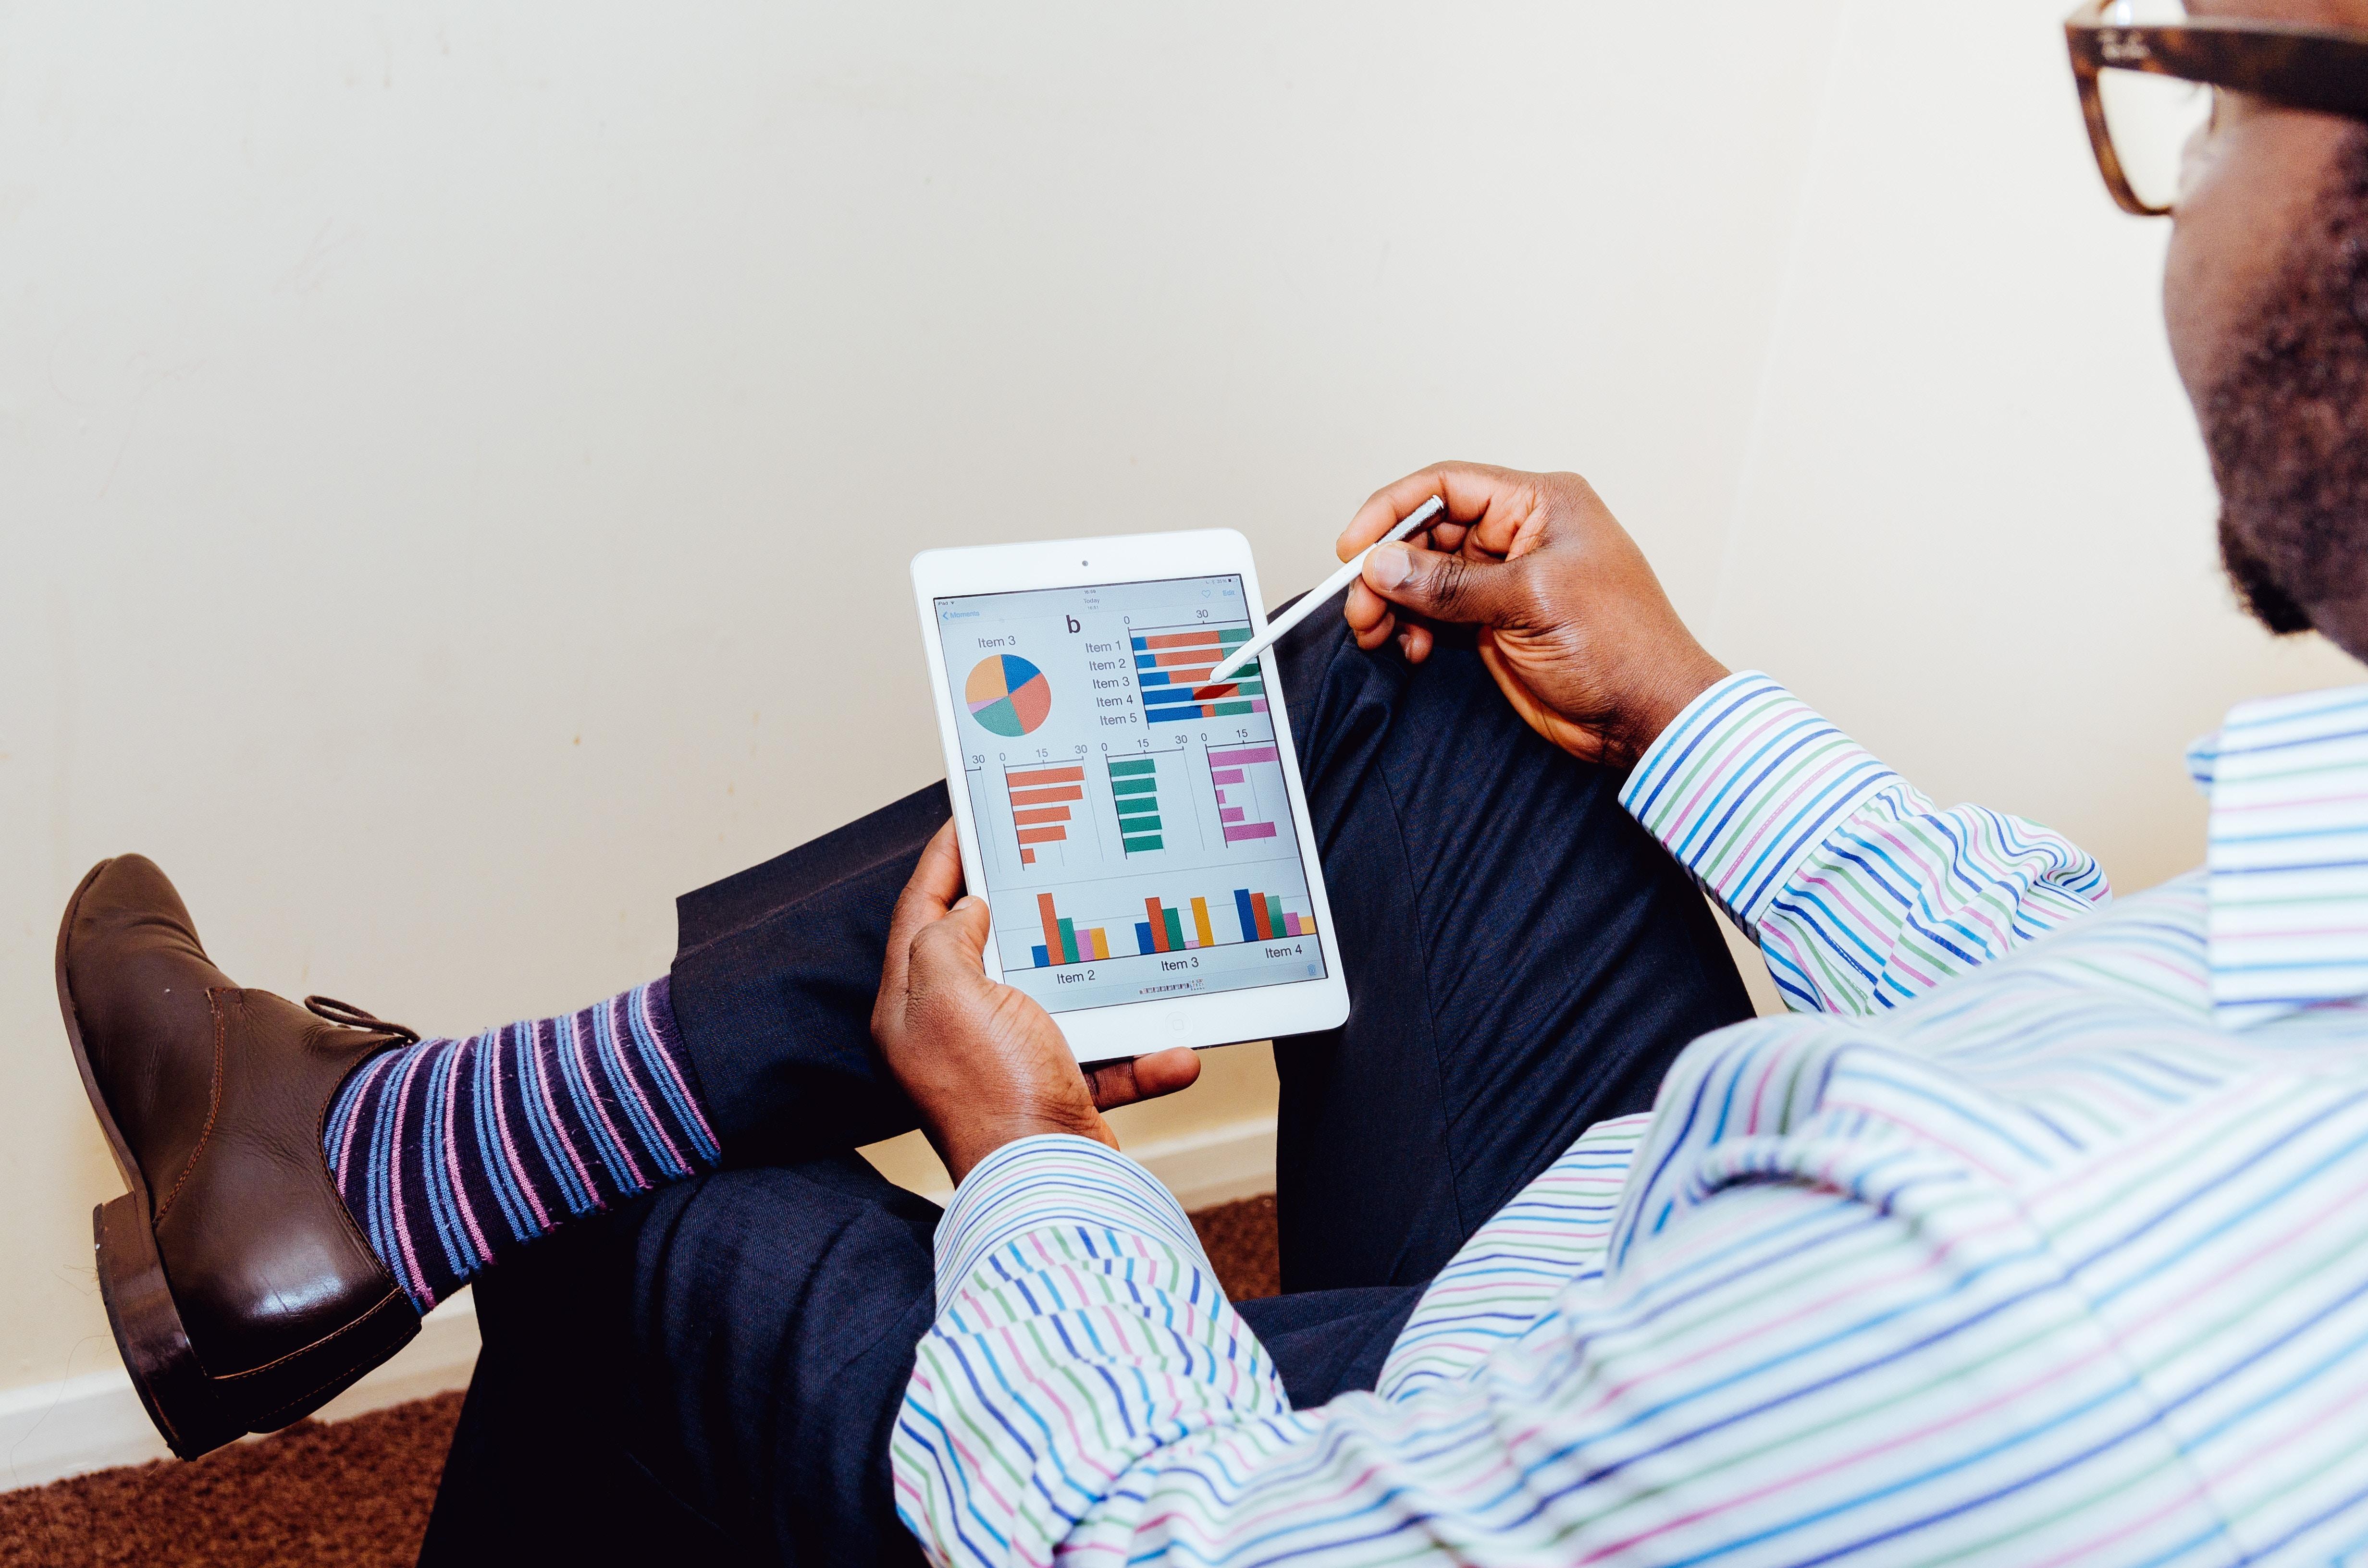 Analyse financière/projets d'investissement et Méthode PODC